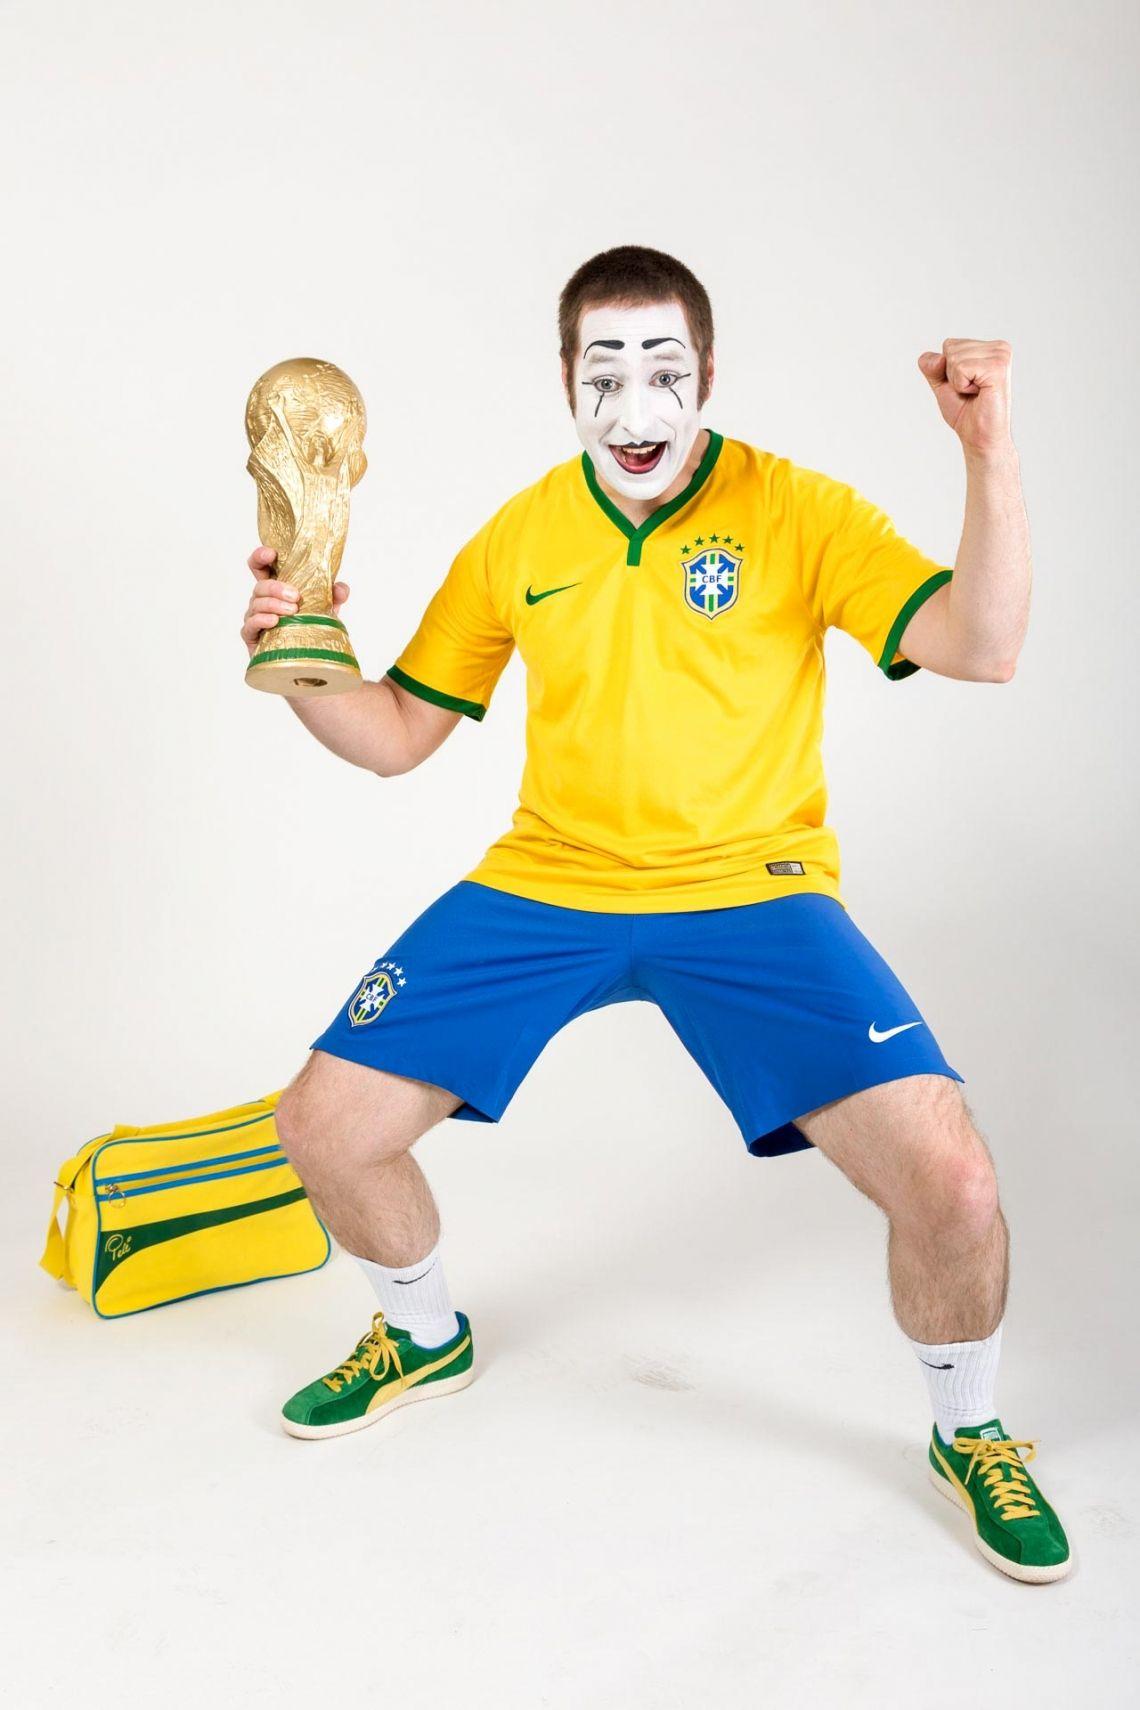 Bastian als Fußballer Der Ball ist rund, ein Spiel dauert 90 Minuten... Wünschen Sie sich Bastian, gekleidet in den Landesfarben Ihres Teams.